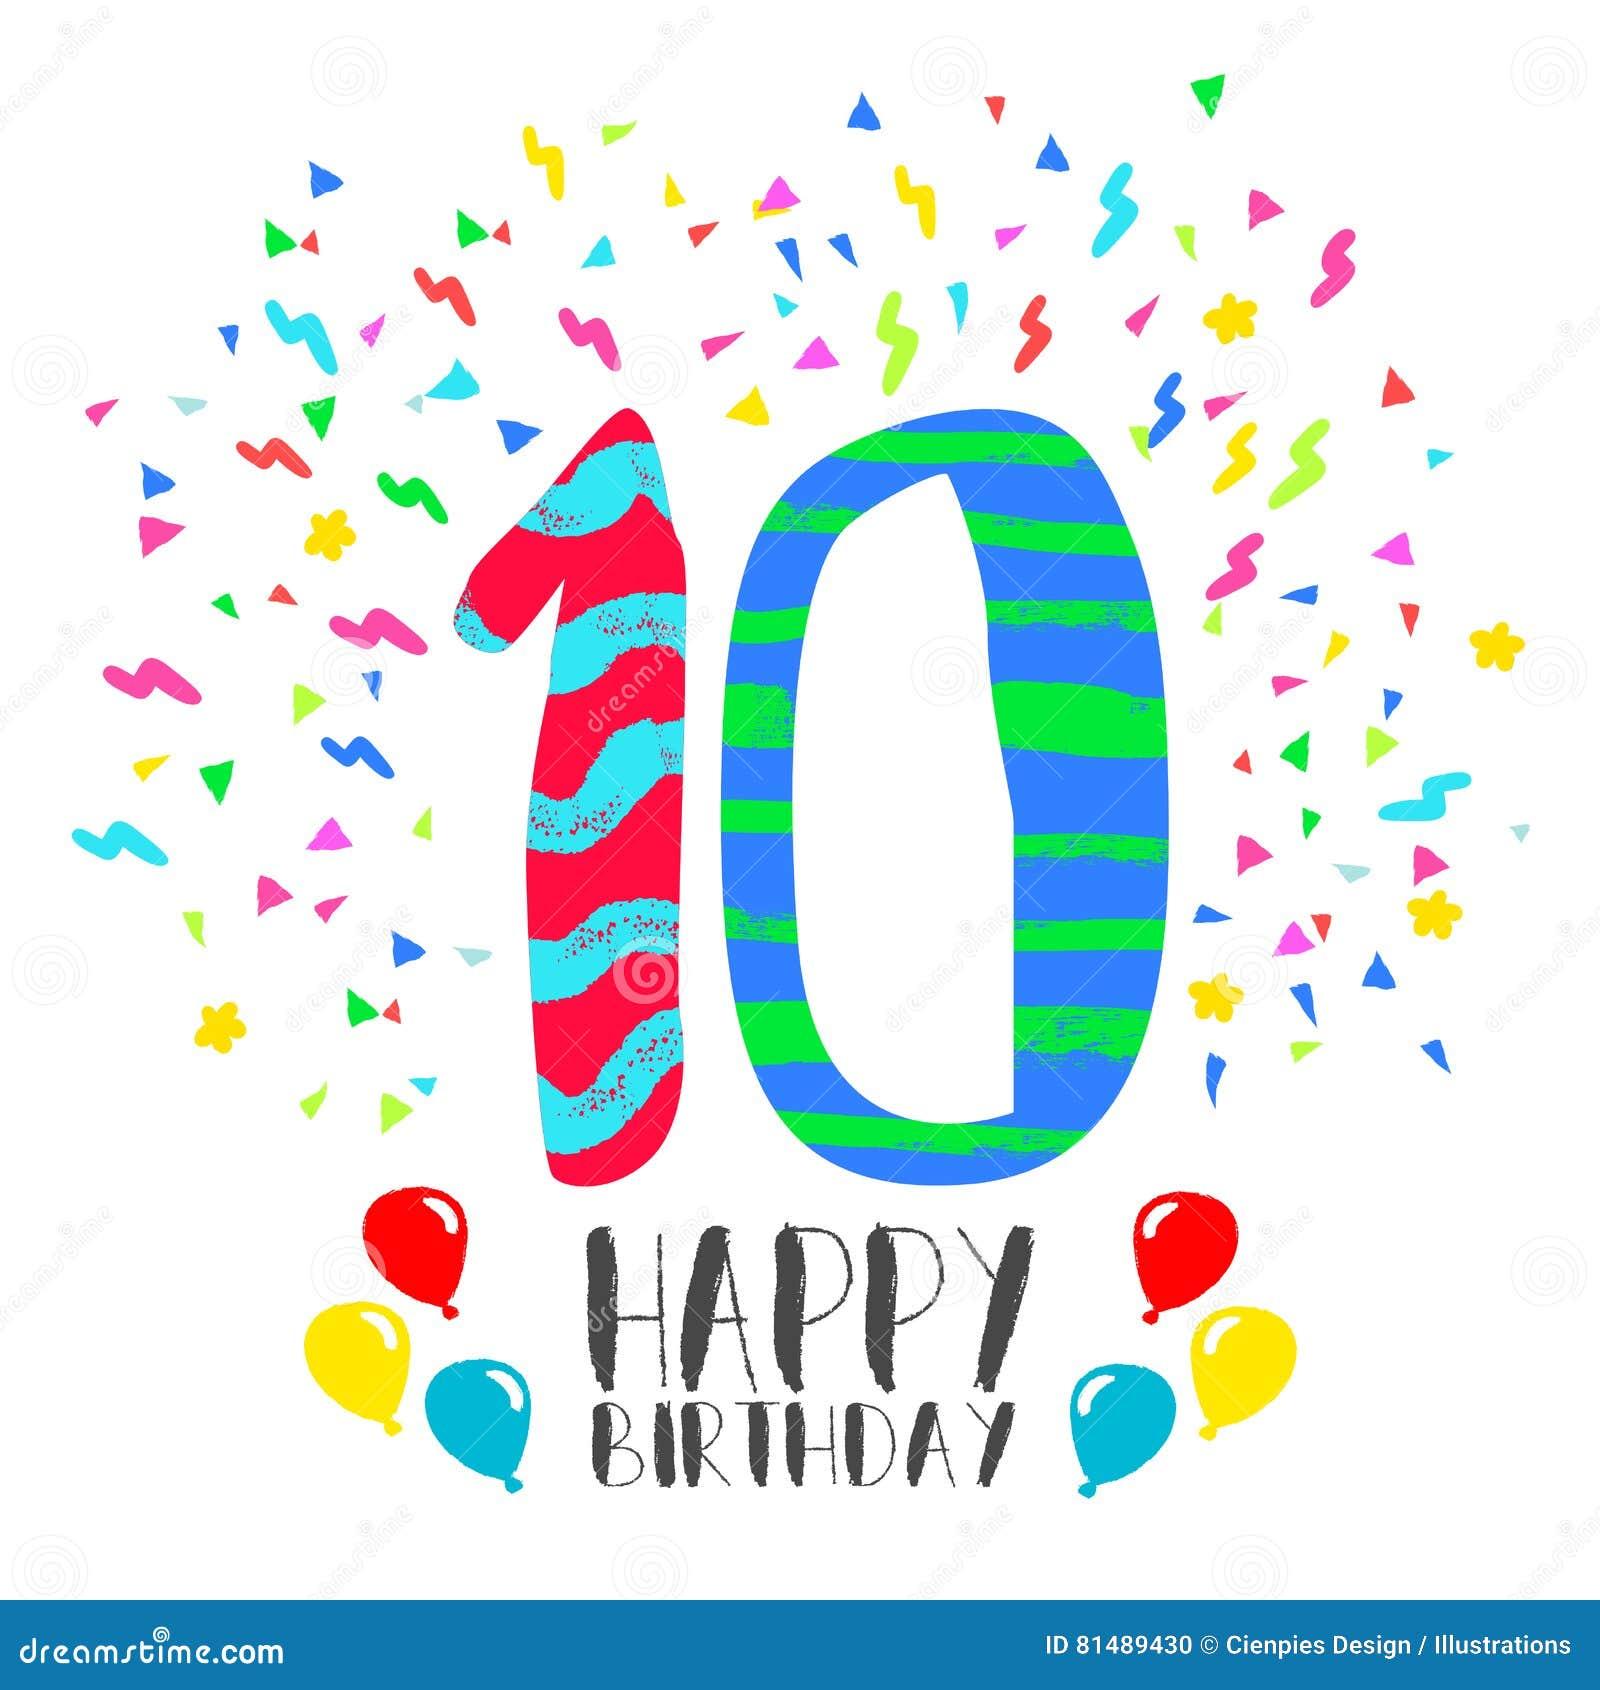 Biglietti Auguri Compleanno 10 Anni Da Stampare Parquetfloor